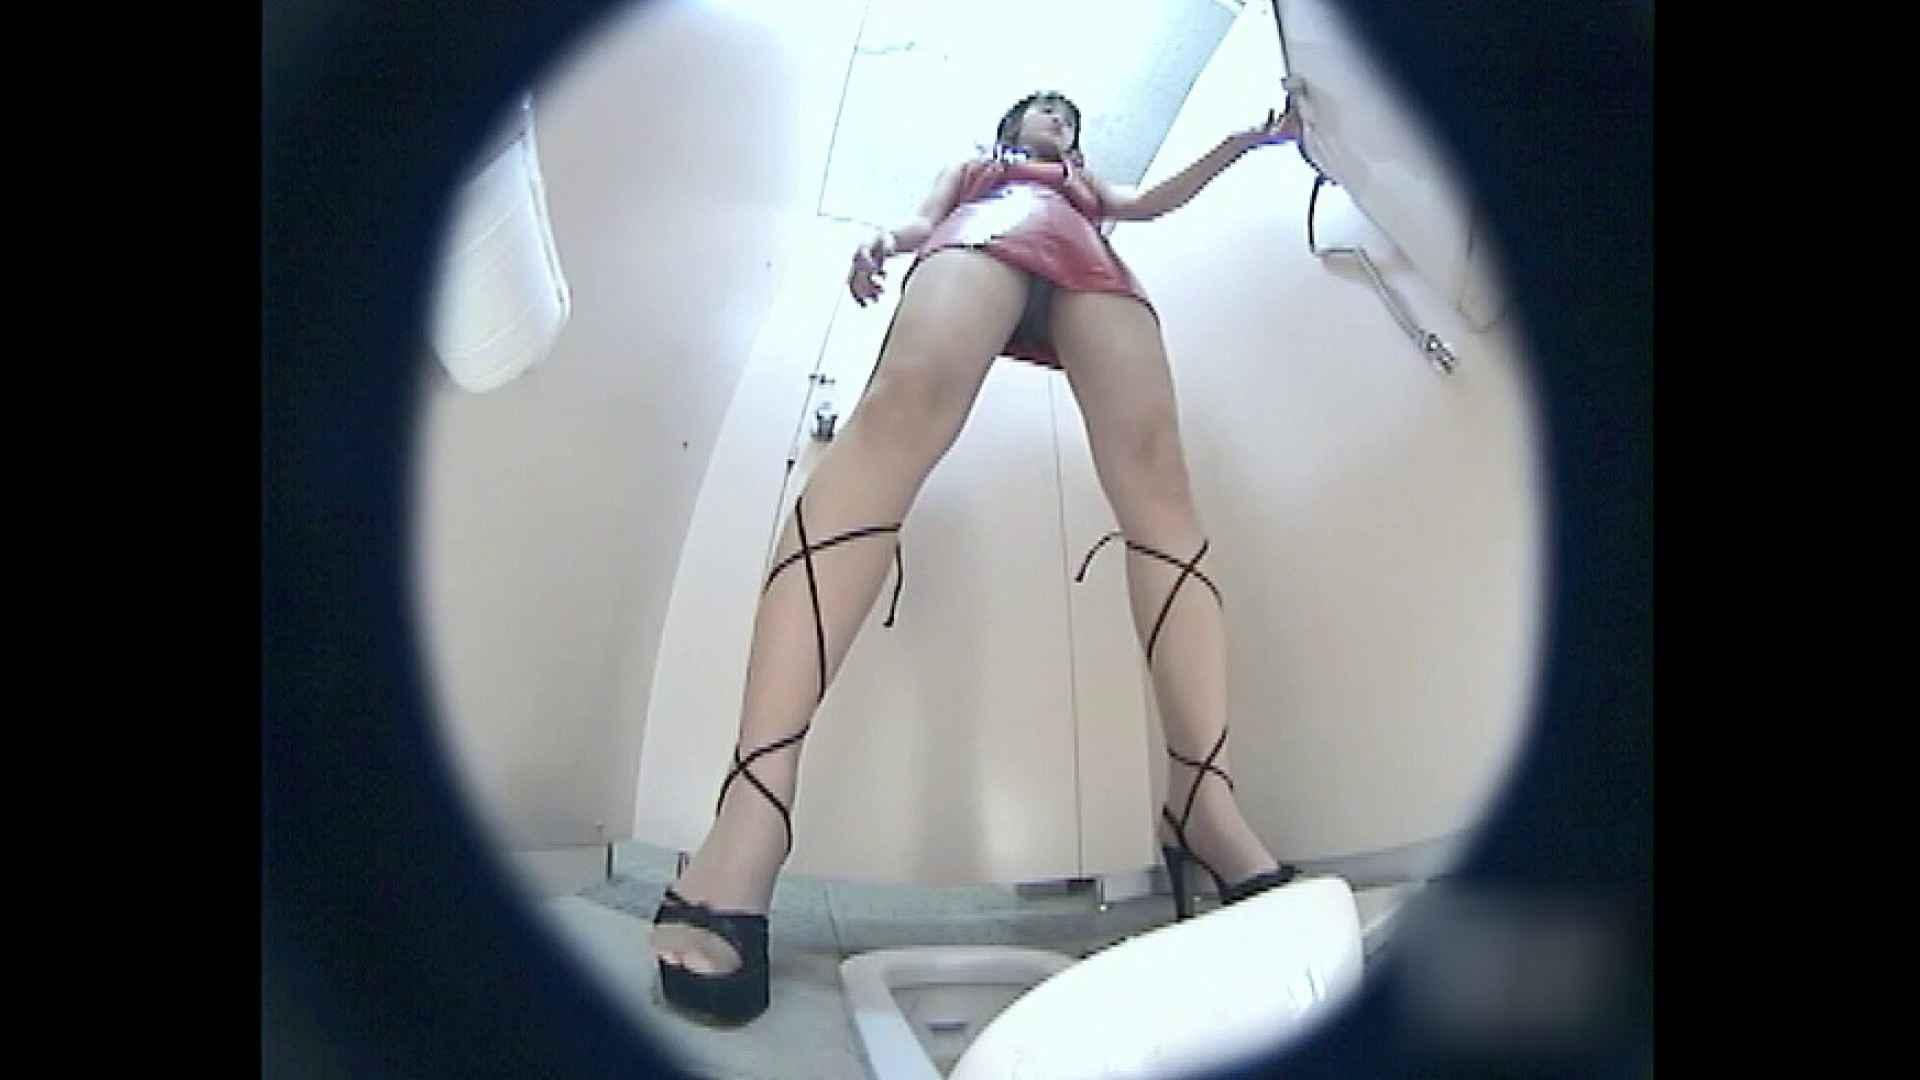 レースクィーントイレ盗撮!Vol.03 トイレ 盗撮戯れ無修正画像 109画像 73